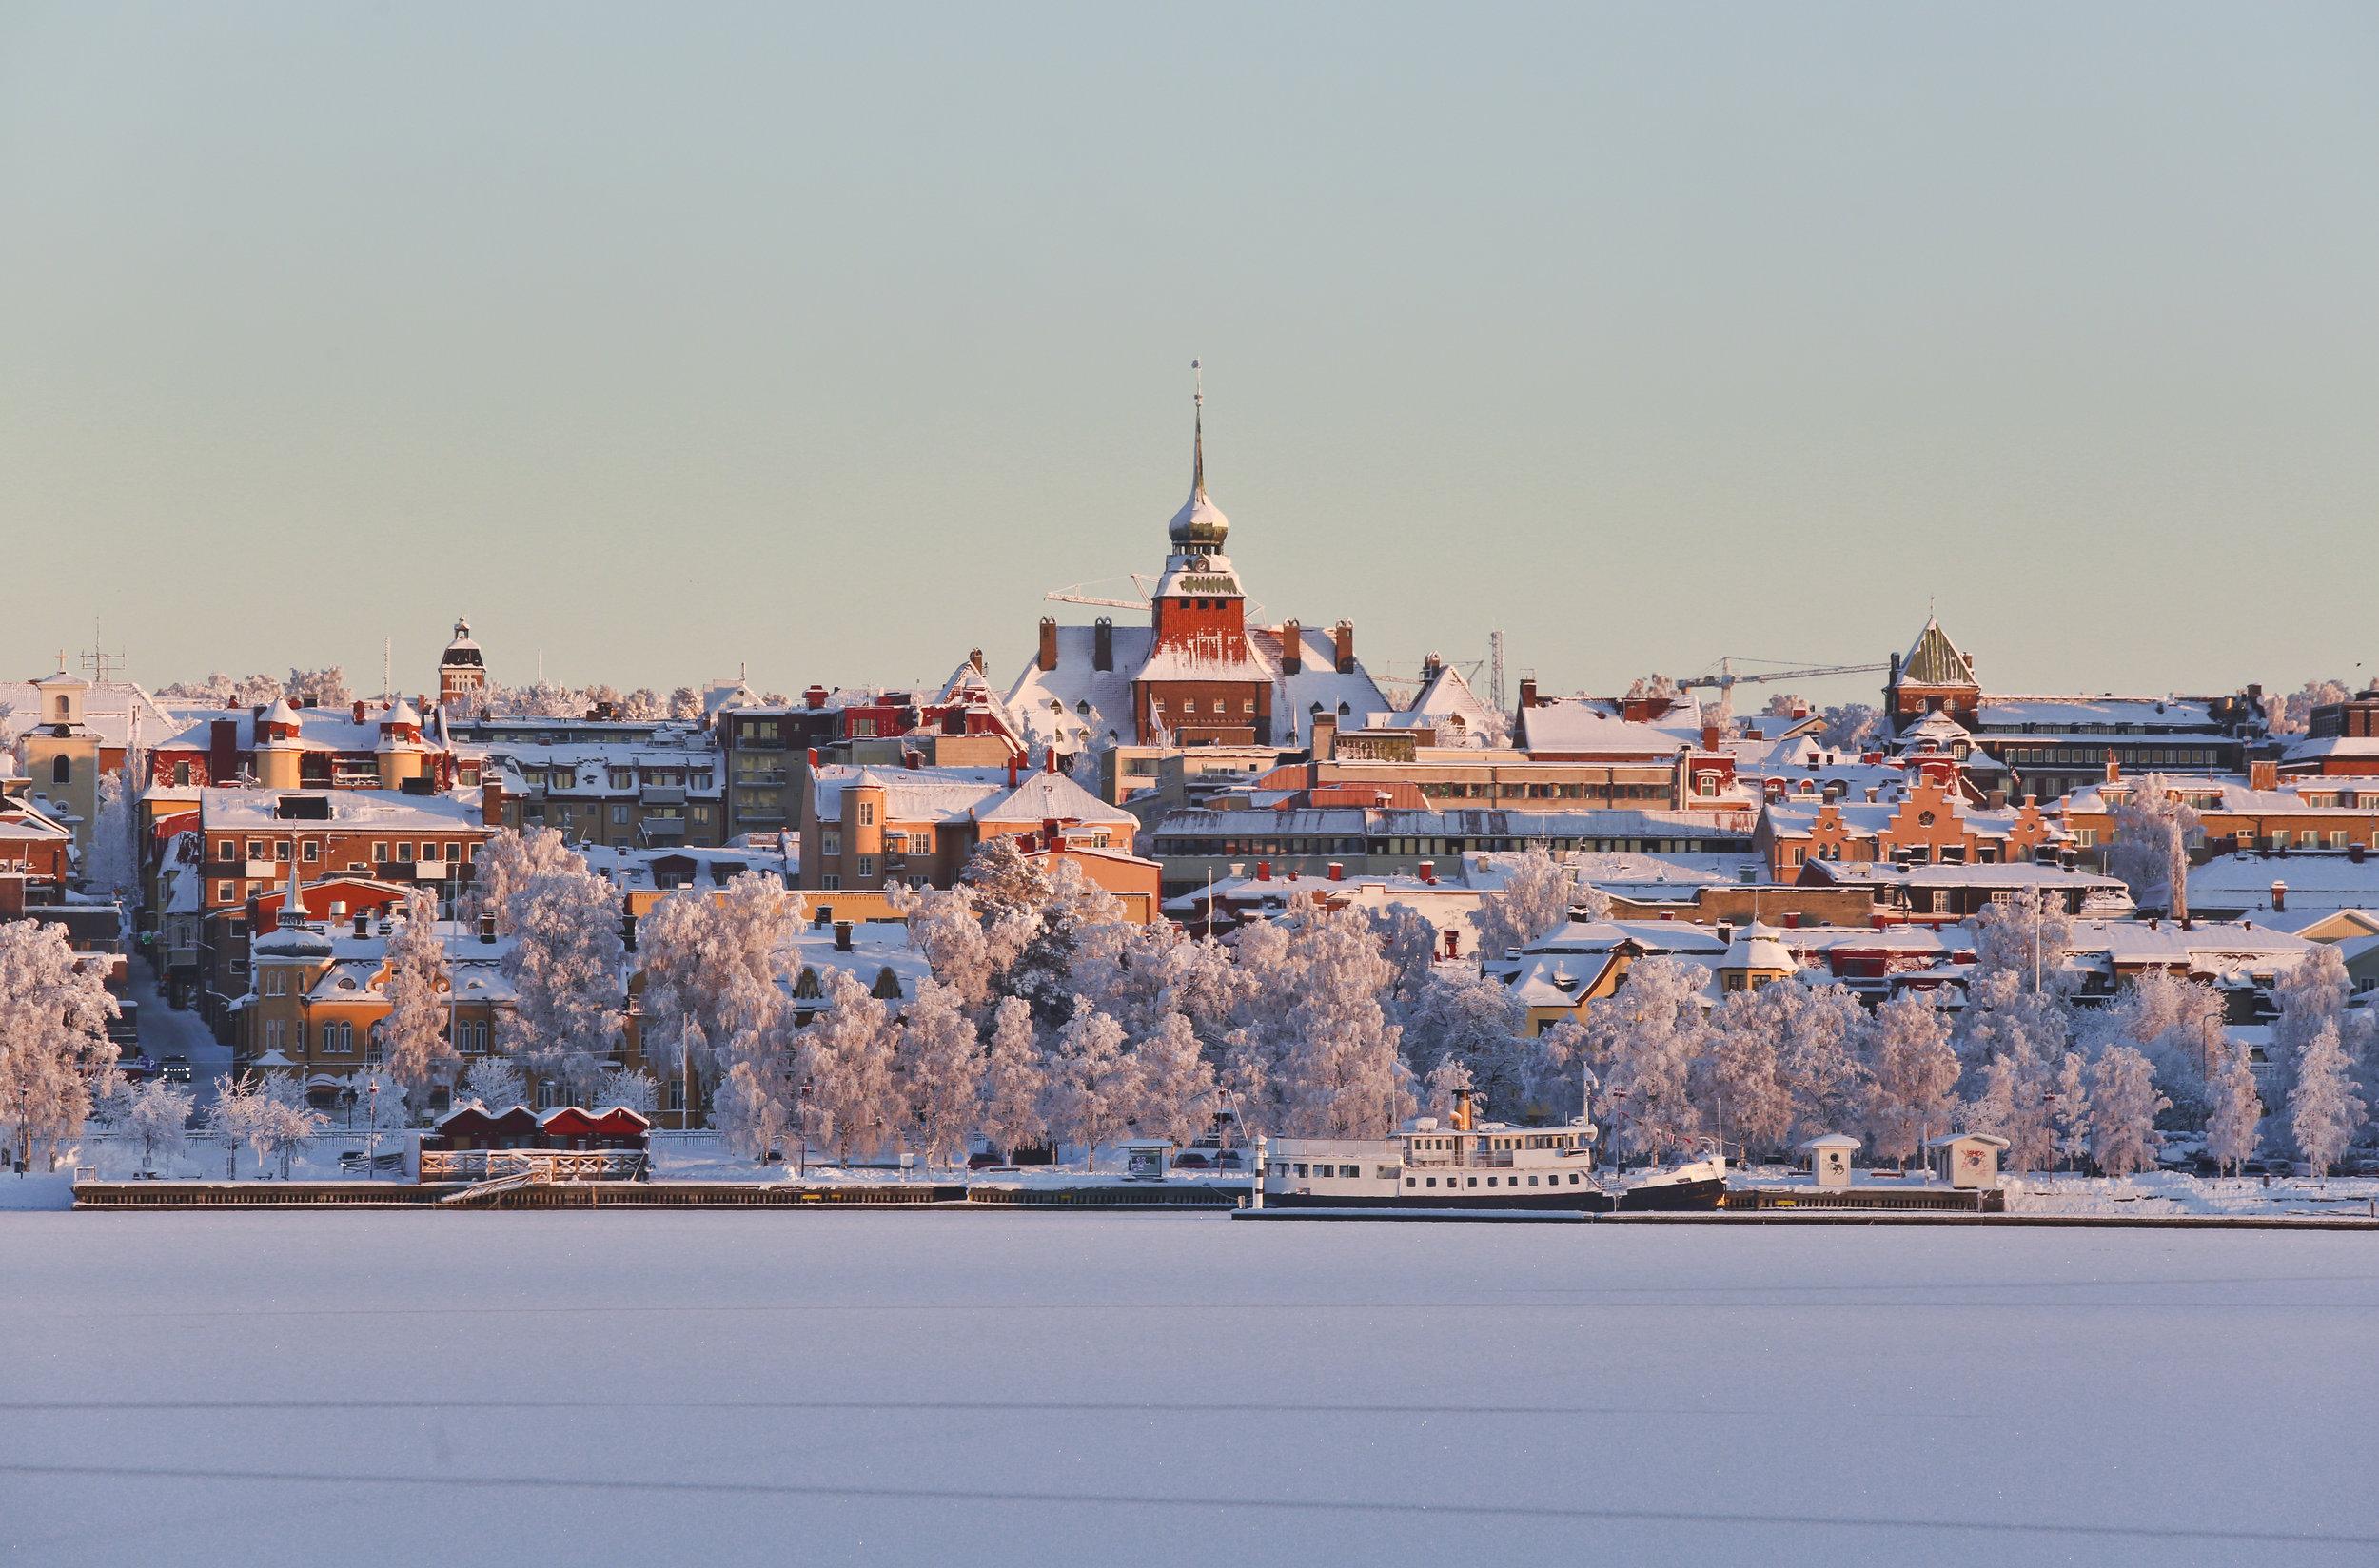 Vinter med Rådhus- Foto Roger Strandberg.jpg